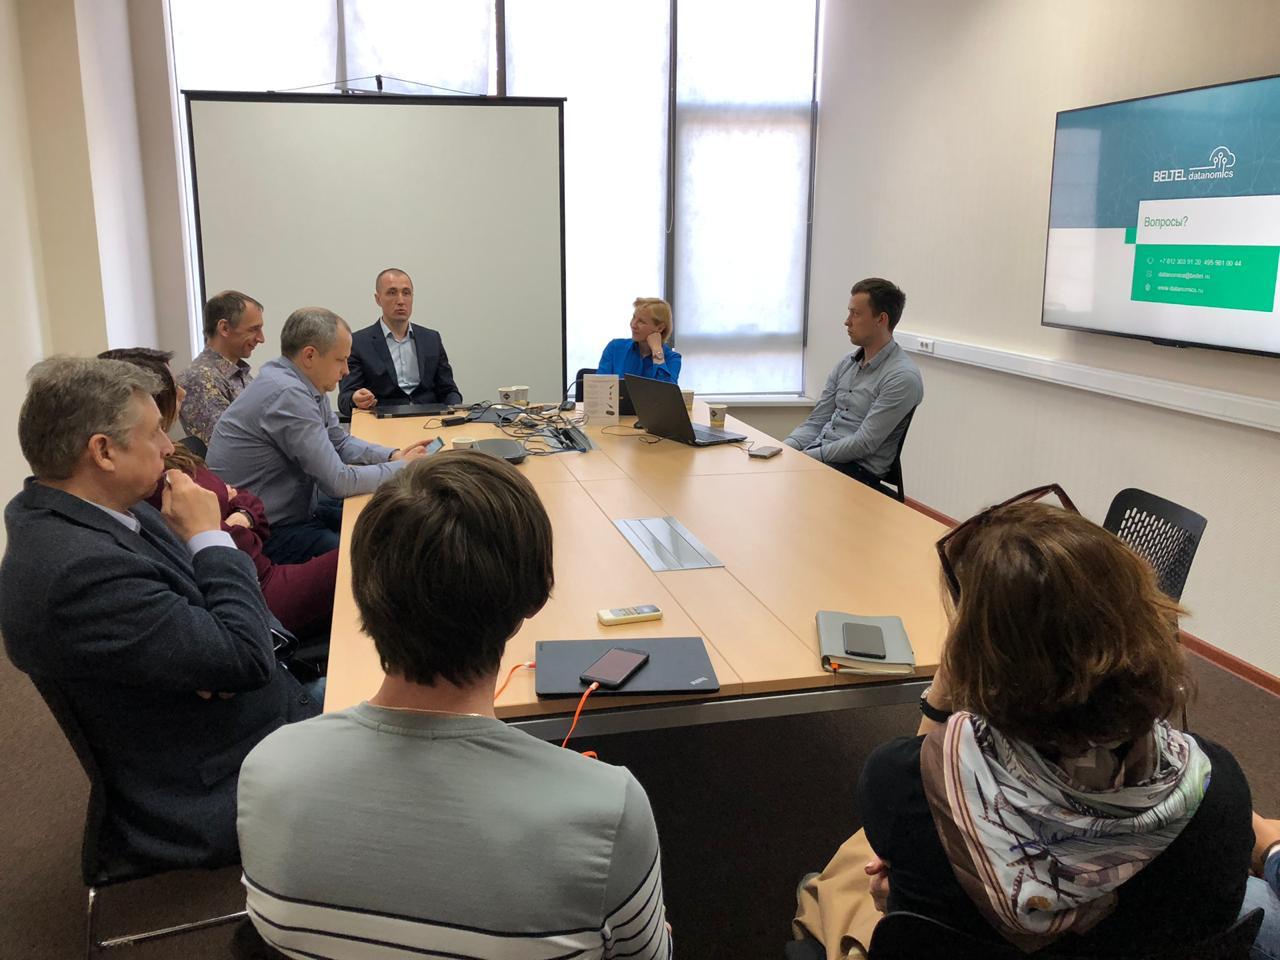 Beltel Datanomics рассказал об Искусственном интеллекте для бизнеса